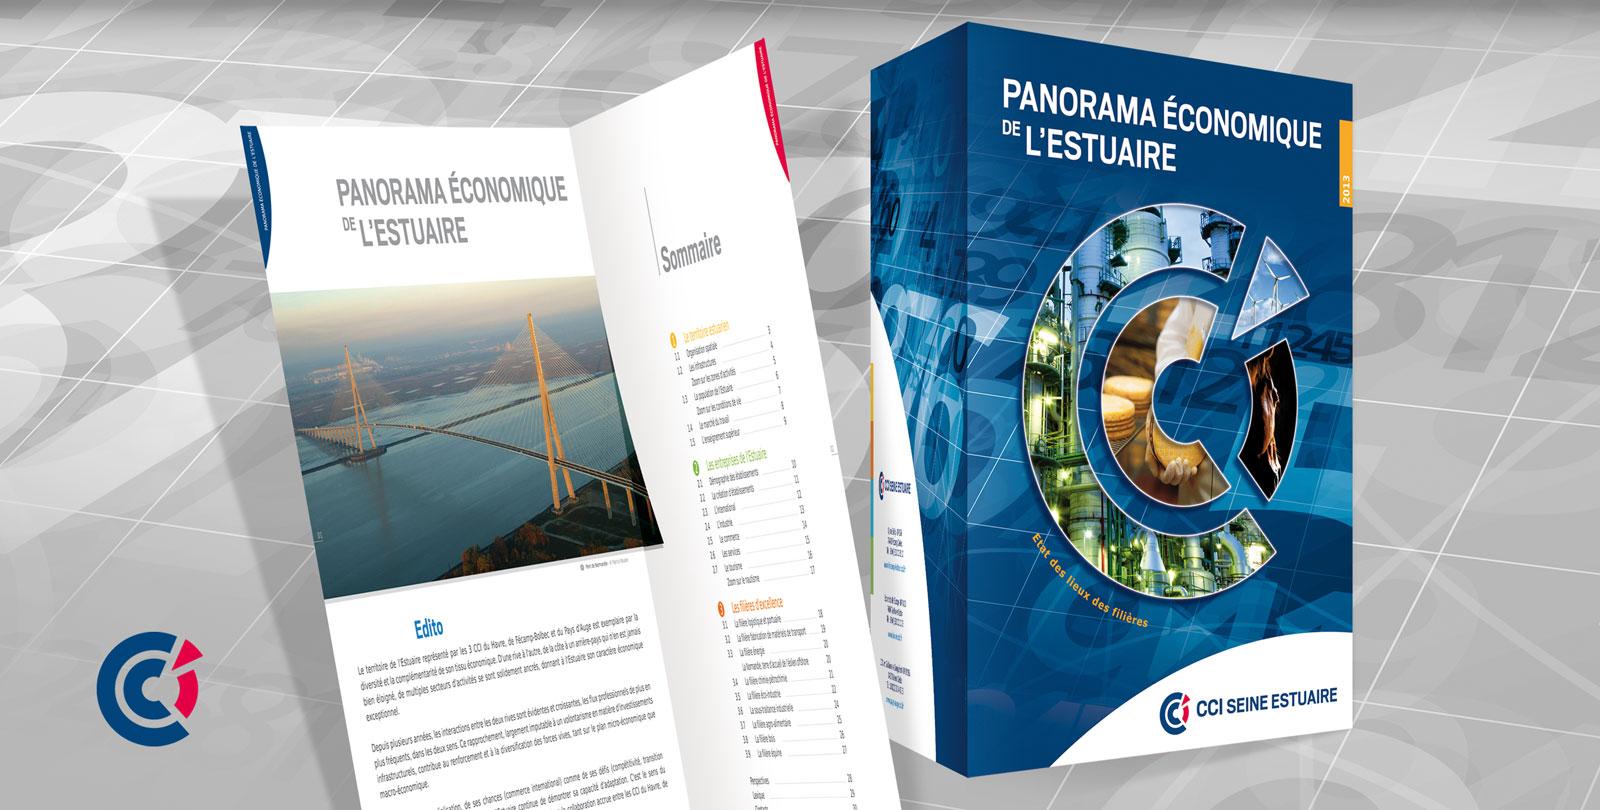 CCI Seine Estuaire – Panorama économique